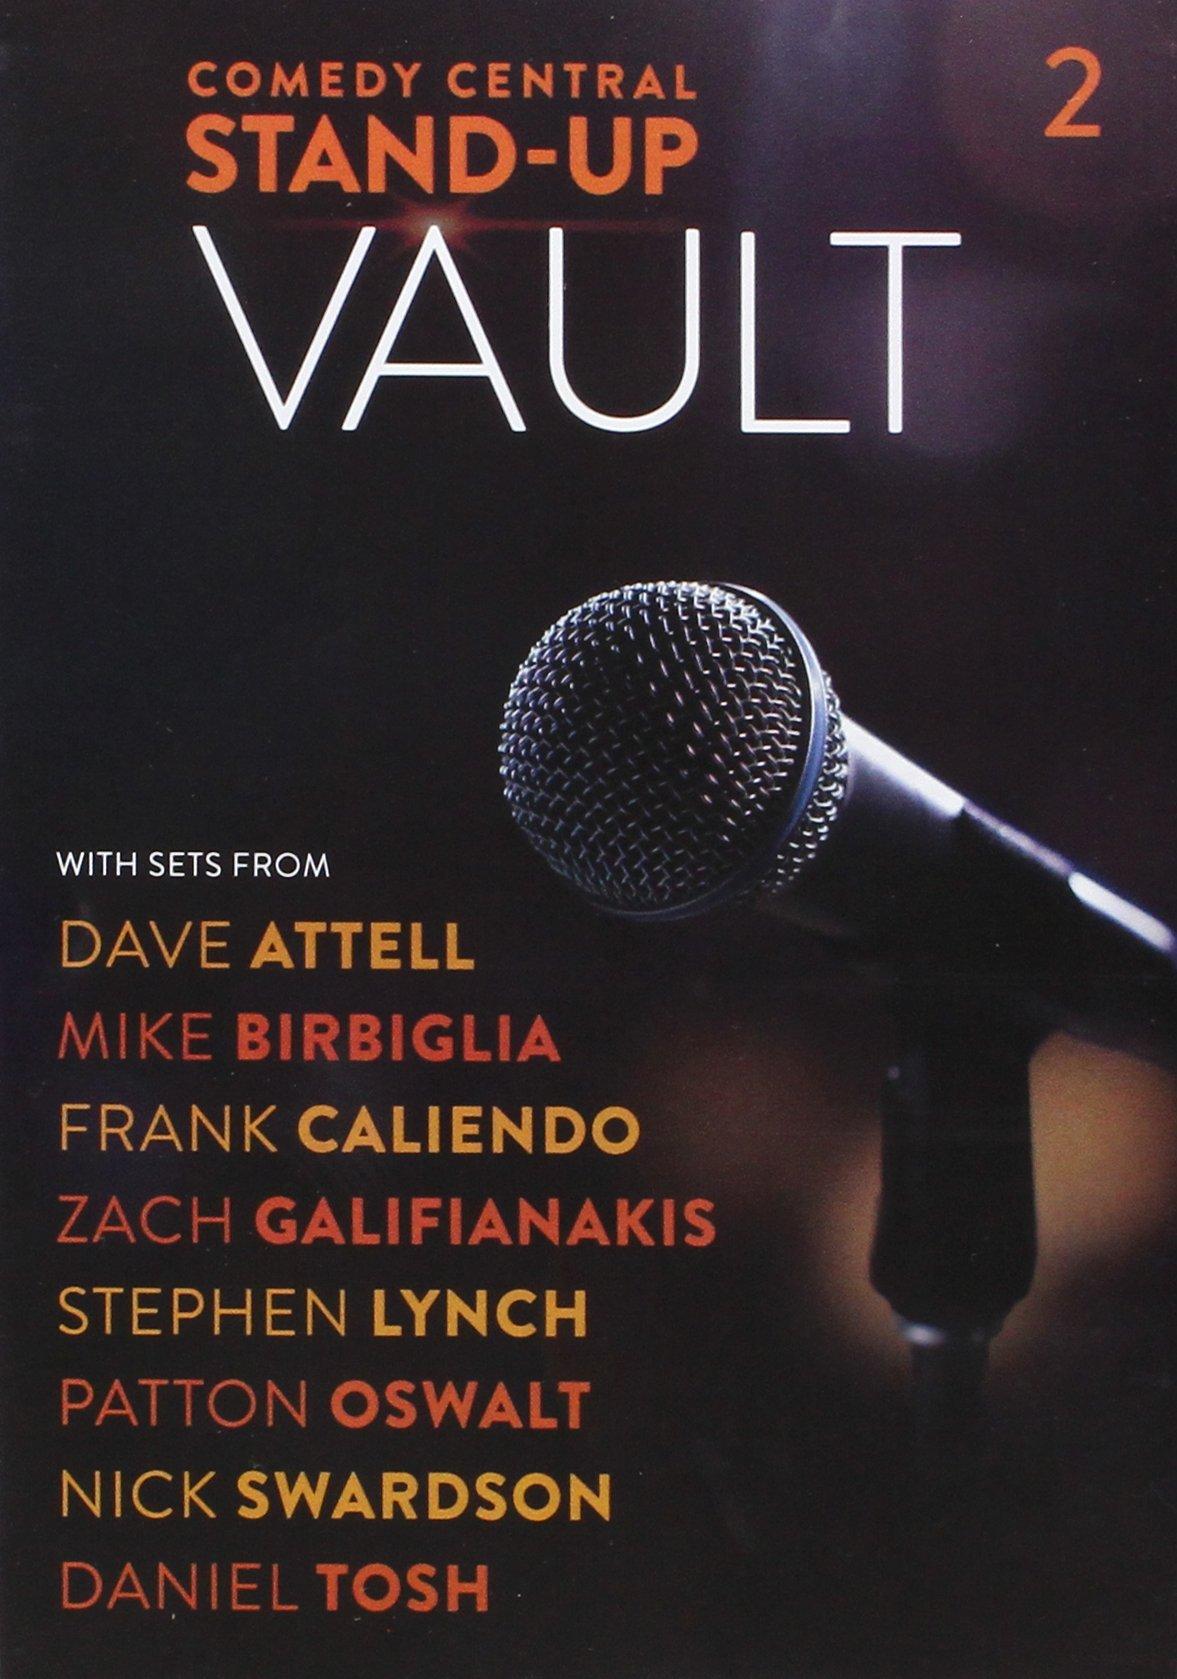 DVD : Christine Belford - Comedy Central Stand-up Vault #2 (Full Frame, Dolby, Subtitled, Sensormatic)